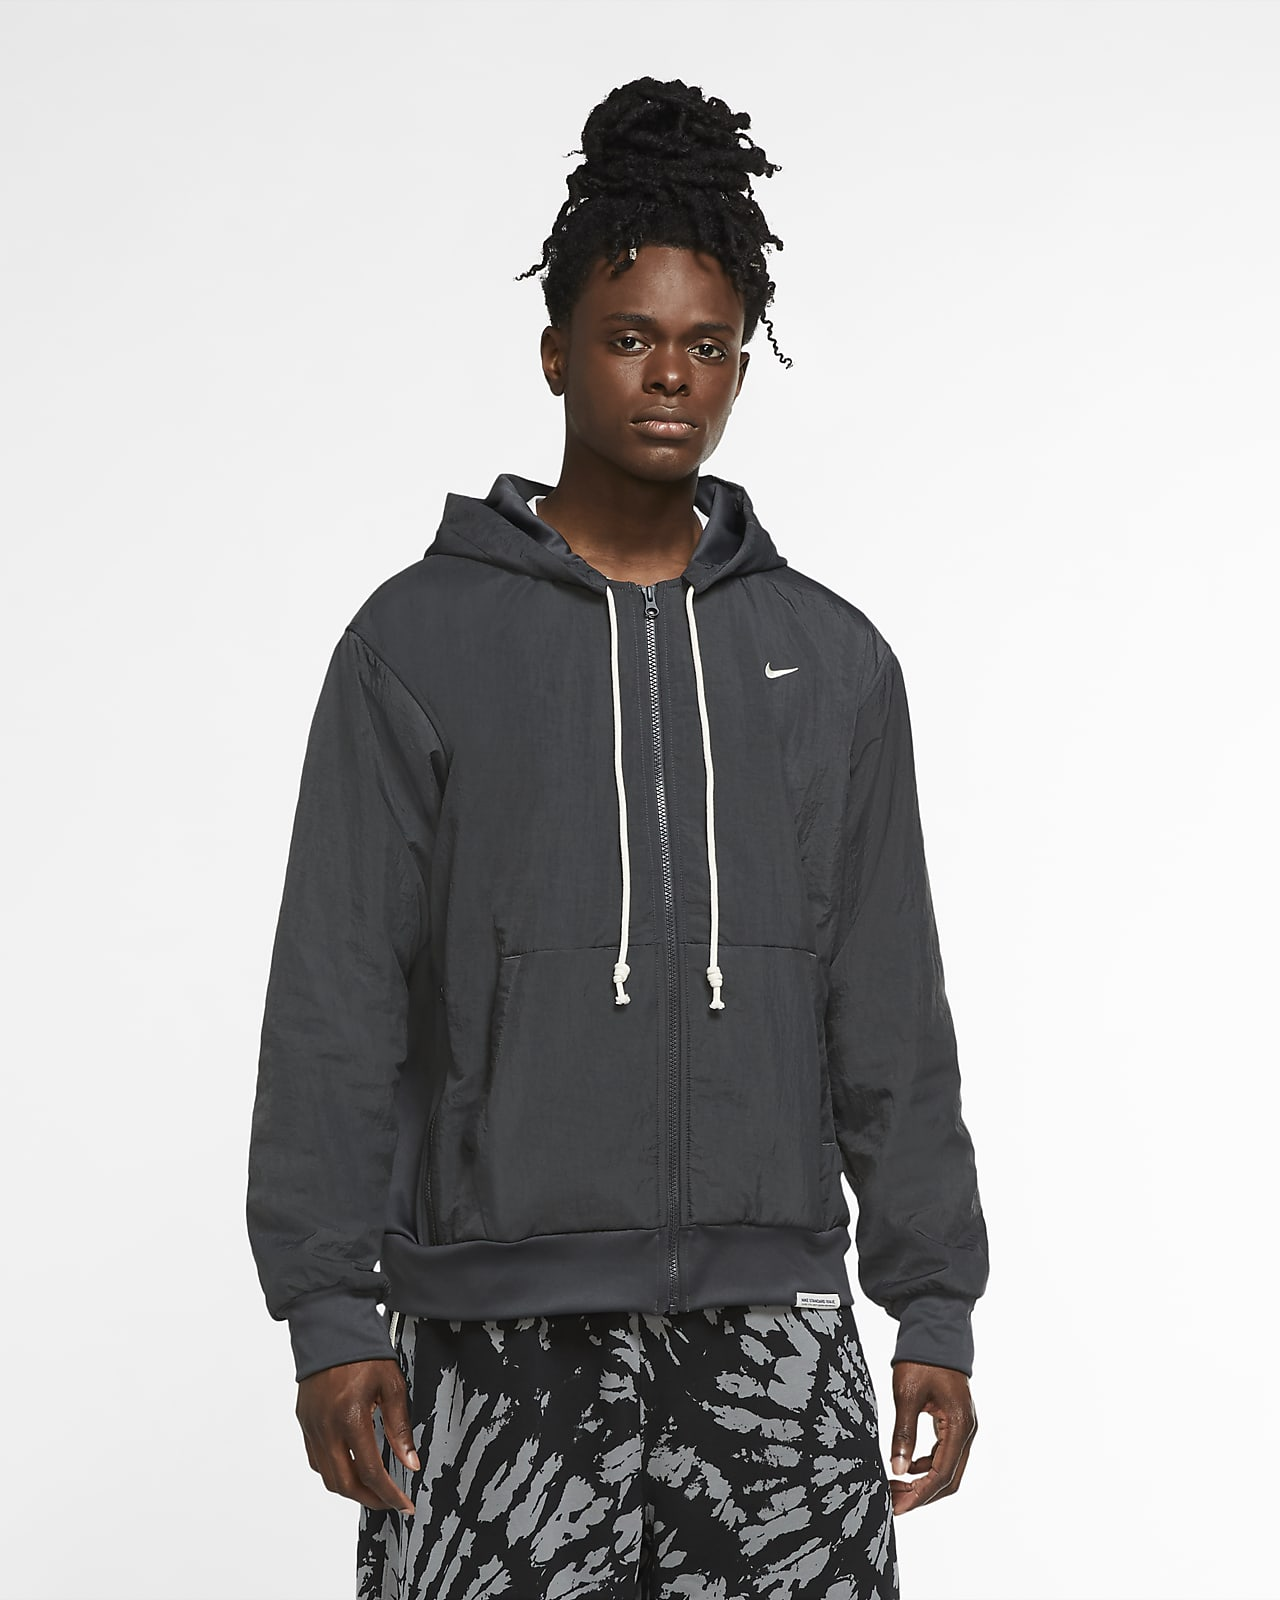 Nike Standard Issue Winterized Men's Basketball Hoodie